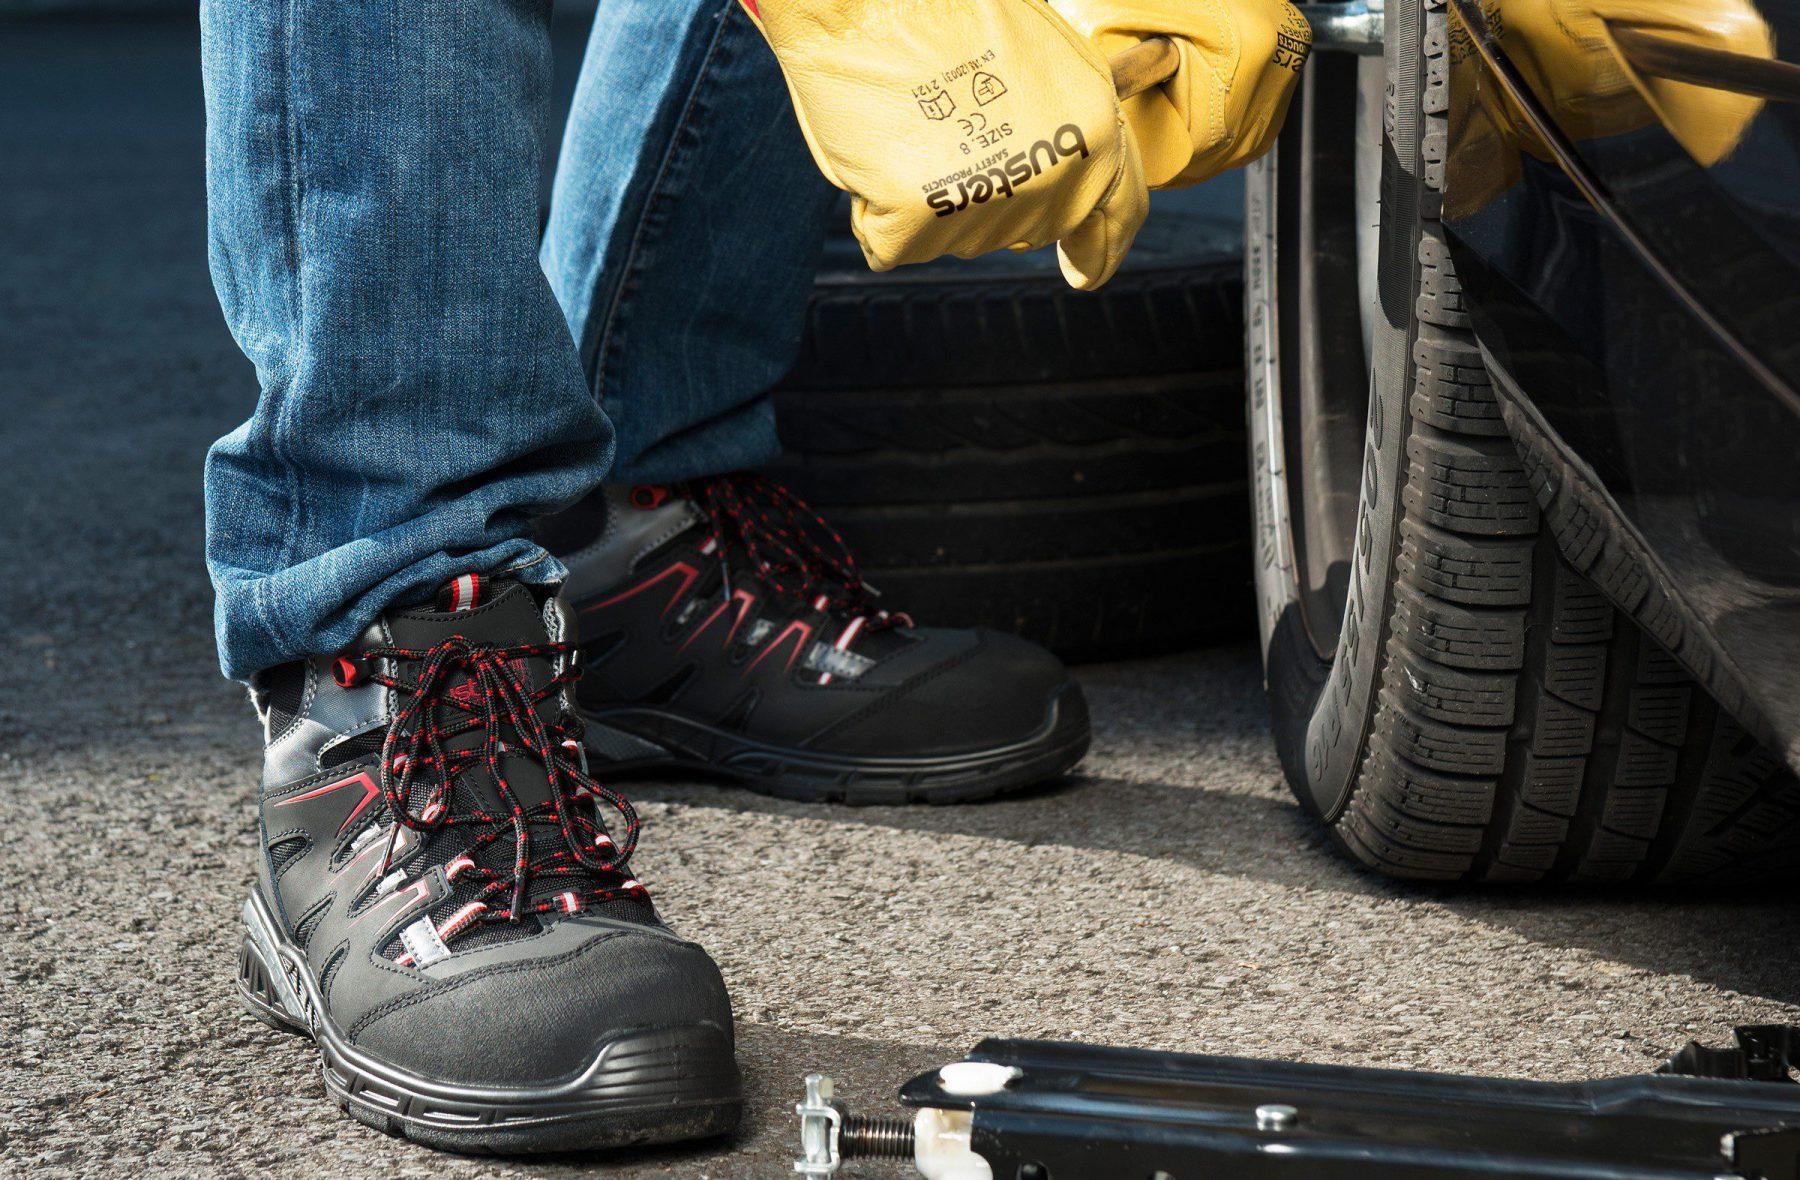 Wat betekent SRA, SRB en SRC op Werkschoenen?